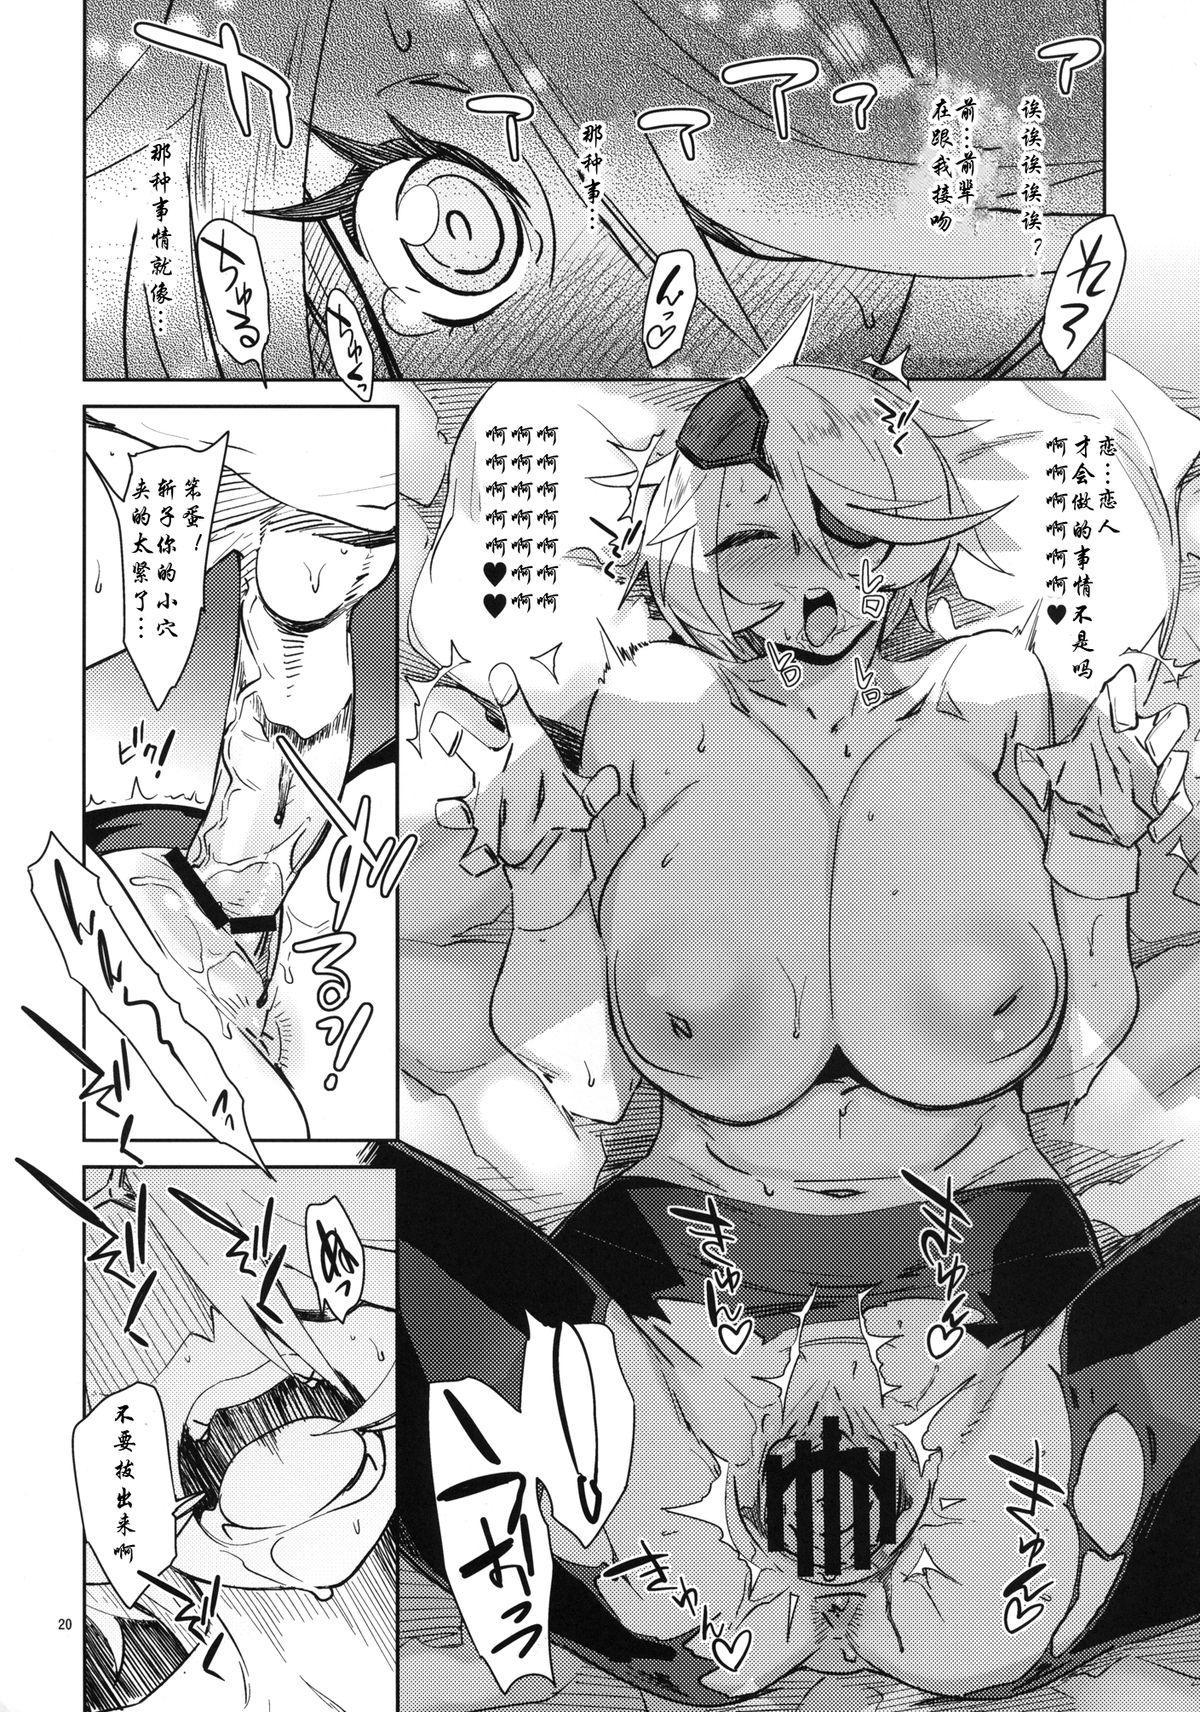 Kiruko-san no Joshiryoku Up Daisakusen 19